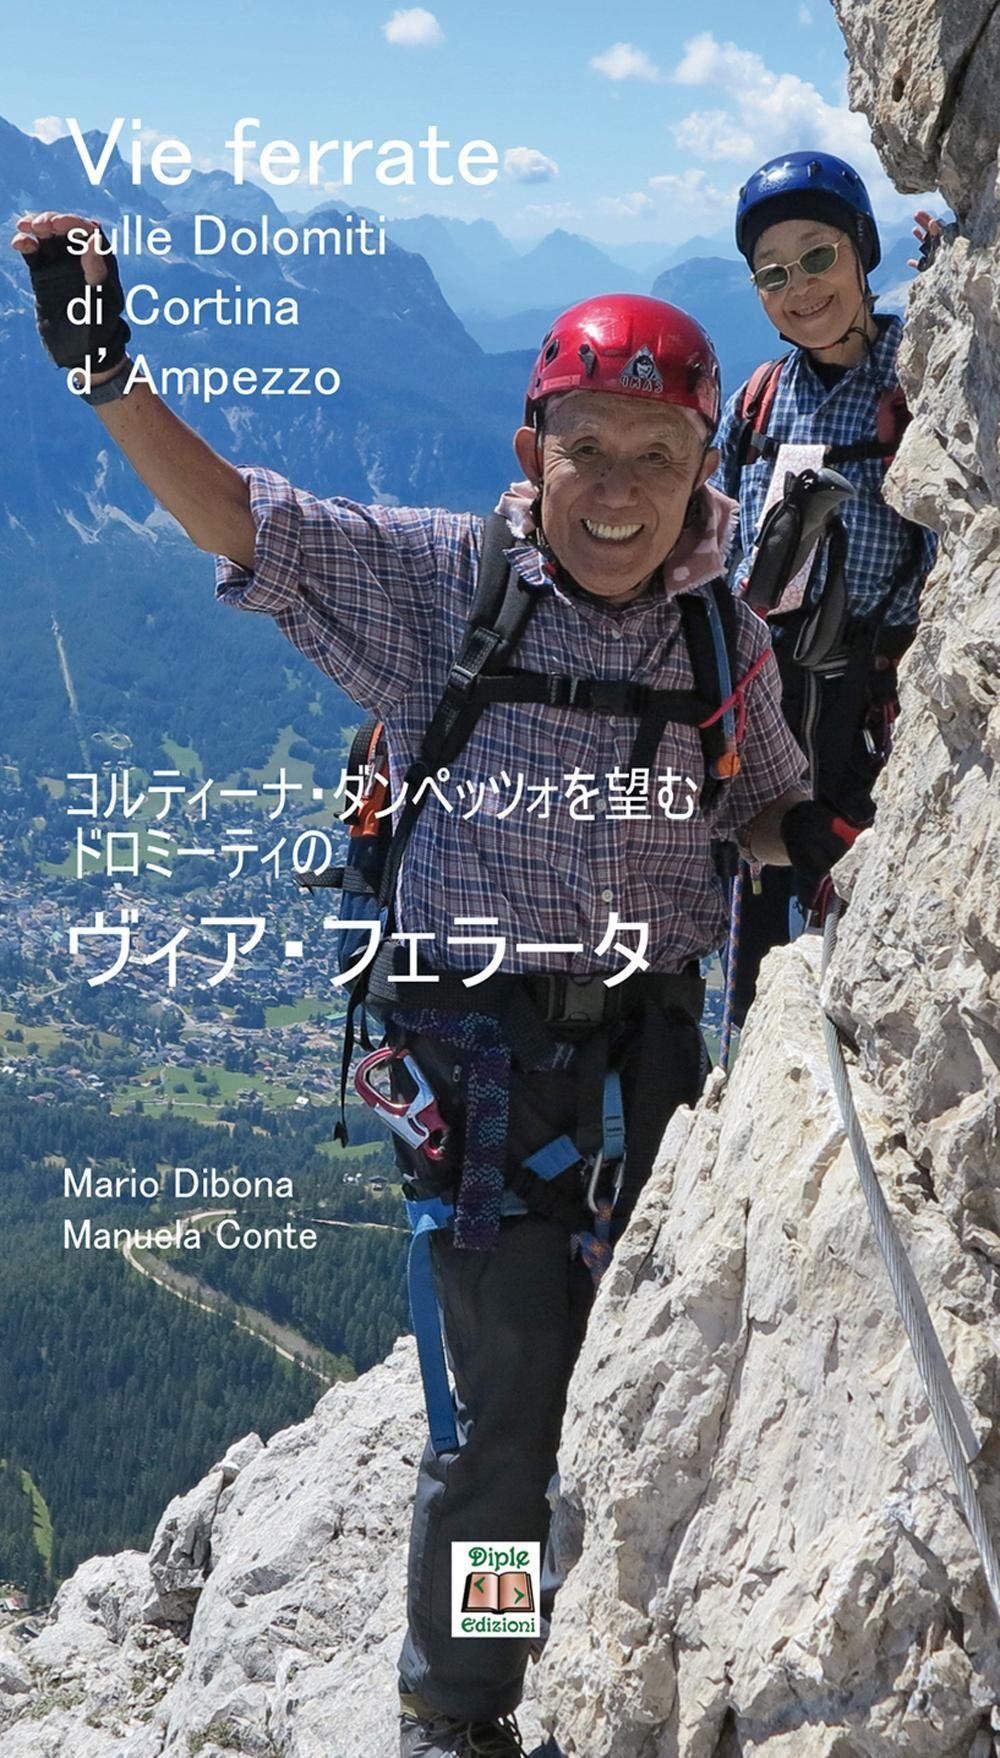 Vie ferrate sulle Dolomiti di Cortina d'Ampezzo. Ediz. giapponese